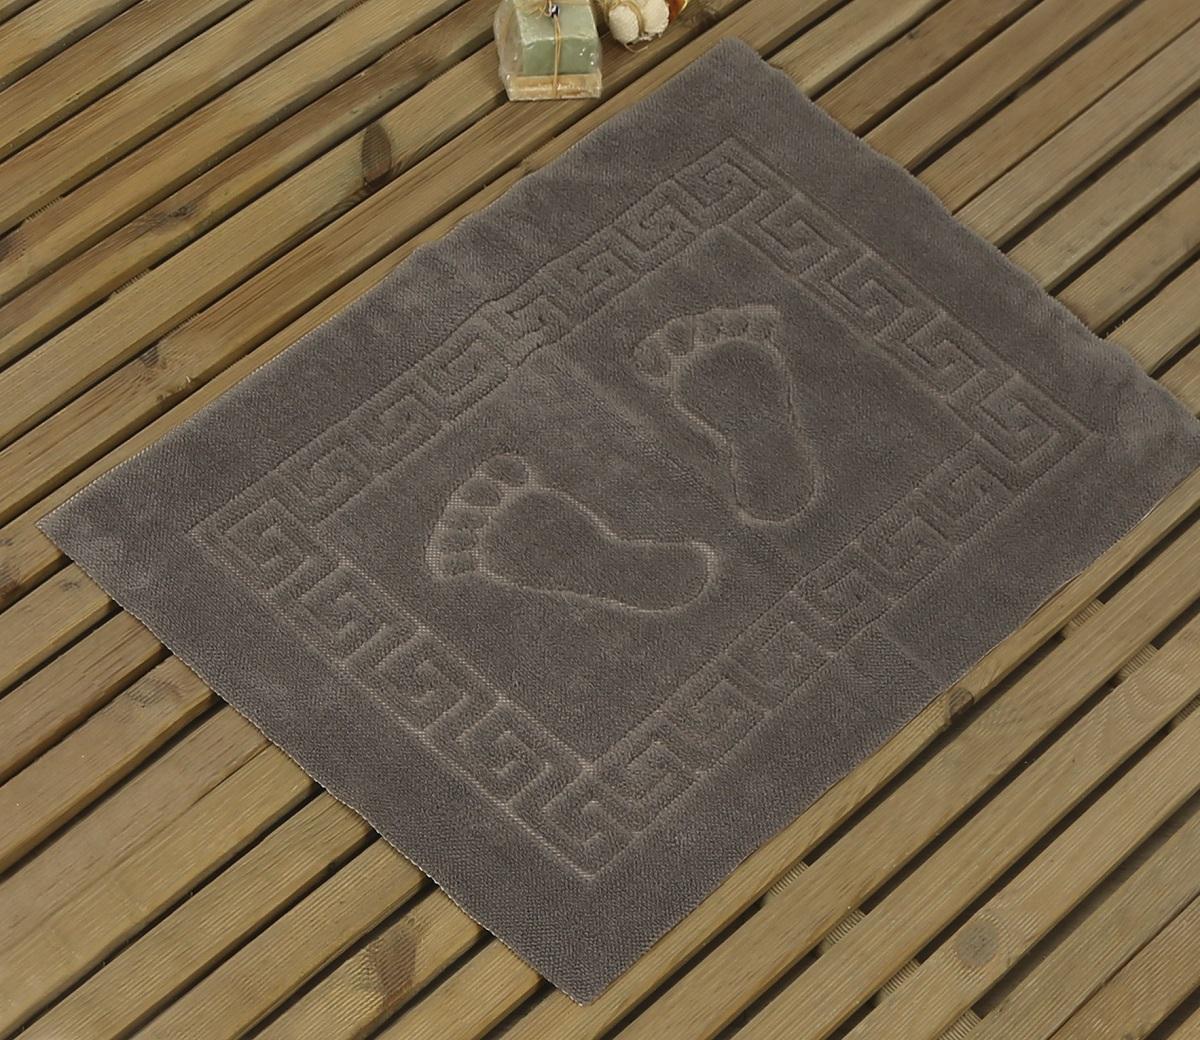 Коврик для ванной Karna Likya , цвет: серый, 50 х 70 см631/CHAR011Коврик печатный Karna сделан из 100% полиэстера. Полиэстер является синтетическим волокном. Ткань, полностью изготовленная из полиэстера, даже после увлажнения, очень быстро сохнет. Коврик из полиэстера практически не требователен к уходу и обладает высокой устойчивостью к износу.Коврик из полиэстера не мнётся и легко стирается, после стирки очень быстро высыхает. Материал очень прочный, за время использования не растягивается и не садится. А так же обладает высокой влагонепроницаемостью.Размер: 50 х 70 см.